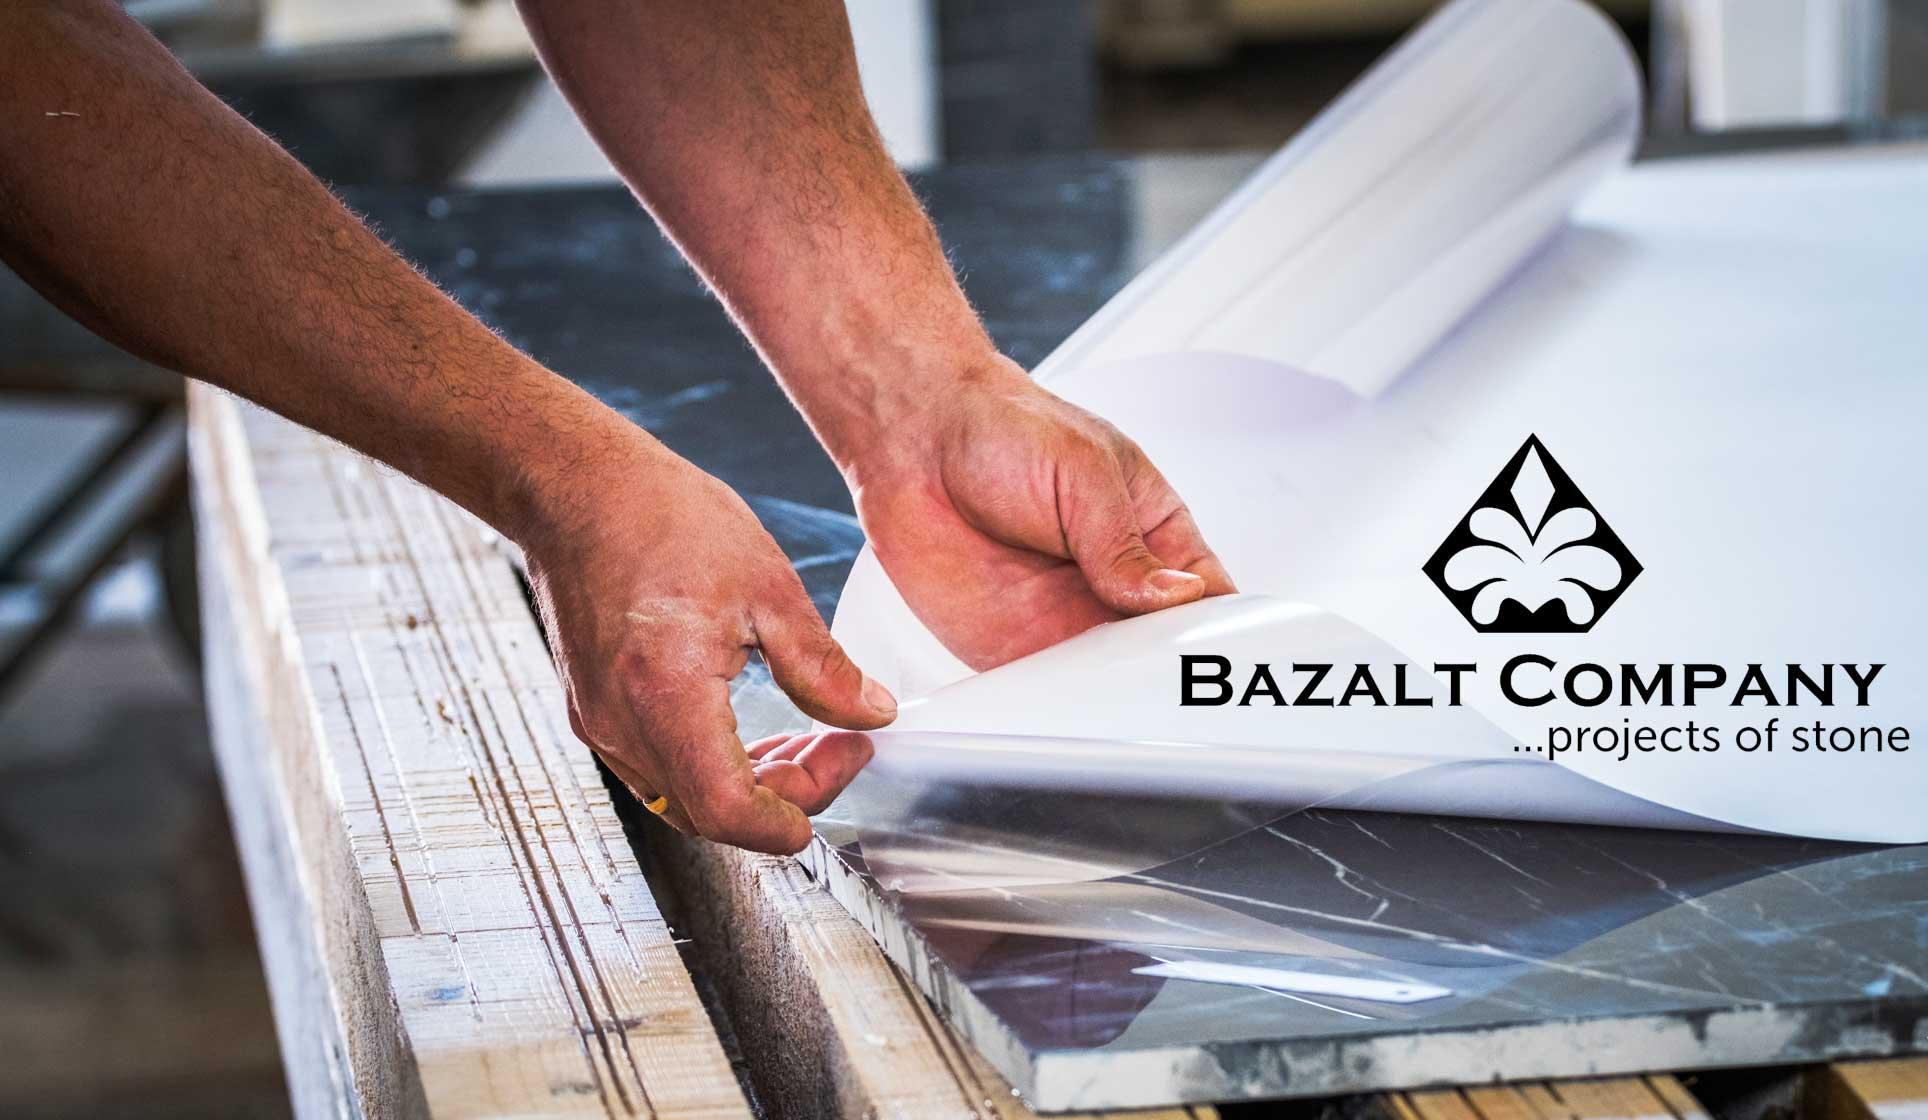 Bazalt Company - независимая строительная компания, специализирующаяся на комплексном выполнении проектов с применением натурального камня (мрамора, оникса, травертина, гранита, сланца, известняка и других).